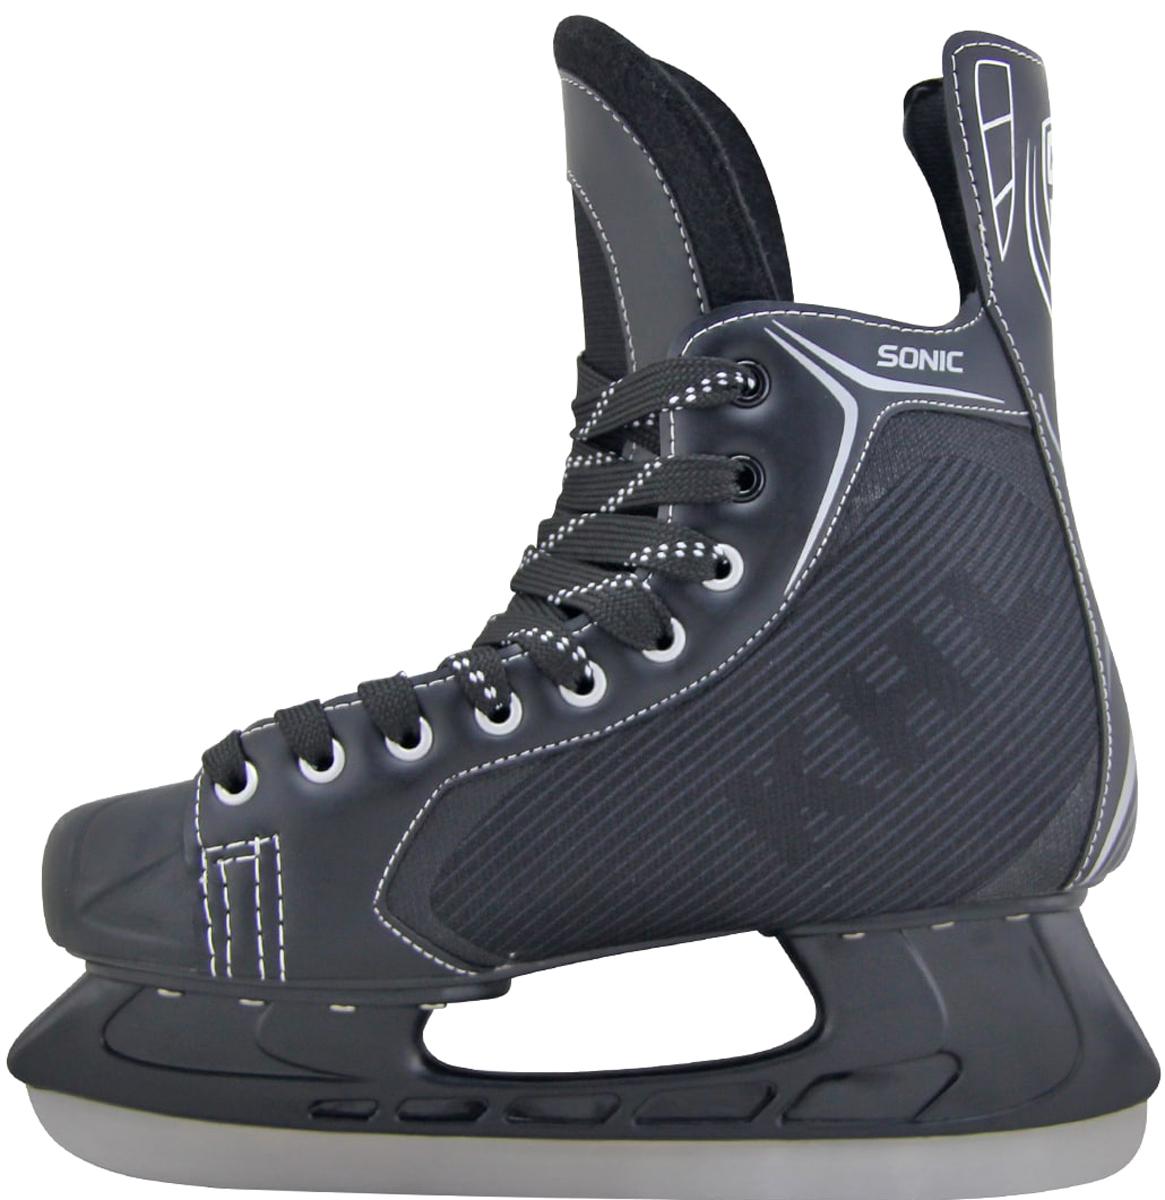 """Коньки хоккейные мужские KHL """"Sonic"""", цвет: черный, серый, белый. Размер 46"""